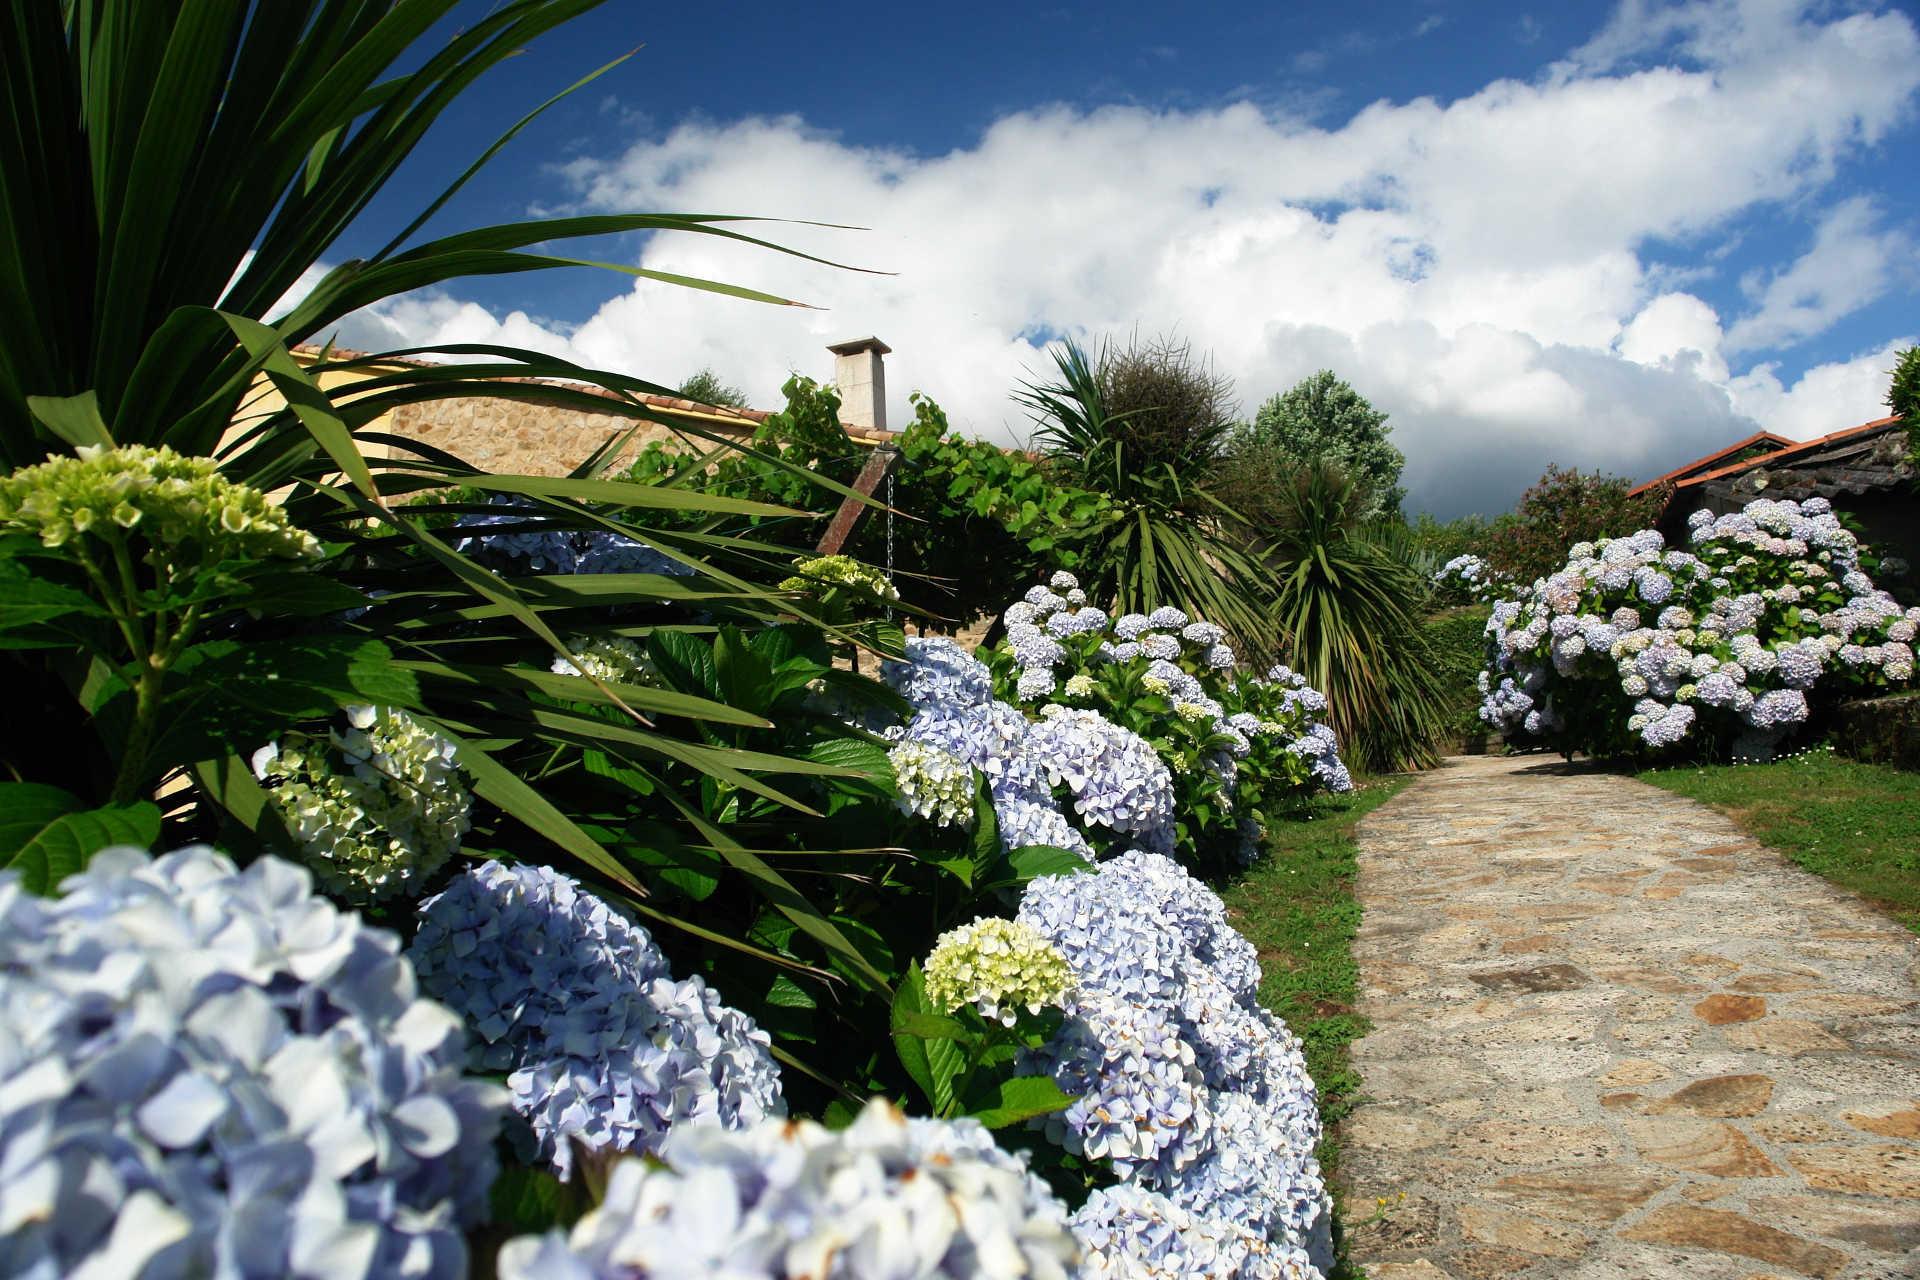 Jardines exteriores gardenias casa rural as seis chemineas